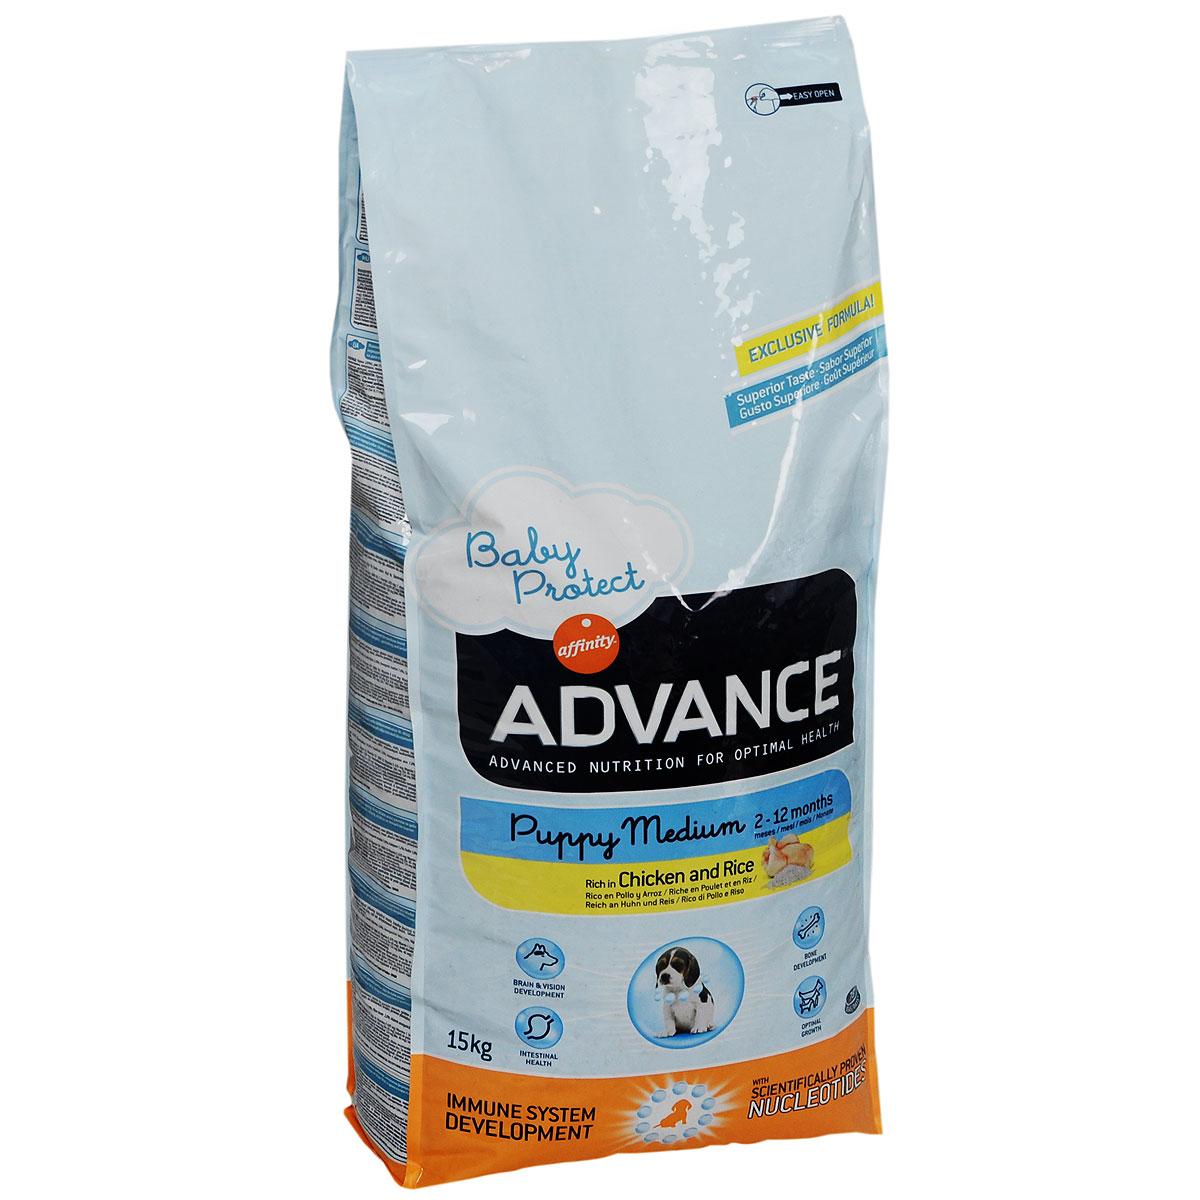 Корм сухой Advance Dog Medium Puppy для щенков средних пород, с курицей и рисом, 15 кг29650Корм сухой Advance Dog Medium Puppy предназначен для щенков средних пород в период роста от 2 до 12 месяцев (вес взрослой собаки составляет 10 - 30 кг), а так же для беременных и кормящих сук. Высокое содержание протеинов - необходимо для развития мускулатуры щенка и удовлетворения повышенных энергетических потребностей, соответствующих периоду роста. Оптимальное соотношение кальций - фосфор - для безукоризненного развития костей растущего щенка. Жирные кислоты Омега 3 - помогают надлежащему формированию центральной нервной системы и зрения щенка в период его внутриутробного развития и после рождения. Состав: курица 20%, рис 17%, дегидрированые белки из домашней птицы, кукурузная клейковинная мука, кукуруза, животные жиры, пшеница, гидролизованные животные белки, свекольная масса, рыбий жир, плазматические белки, яичный порошок, пивные дрожжи, хлористый калий, цитрусовые экстракты богатые биофлавоноидами, таурин, DL-метионин. Пищевые добавки: белок 30%,...